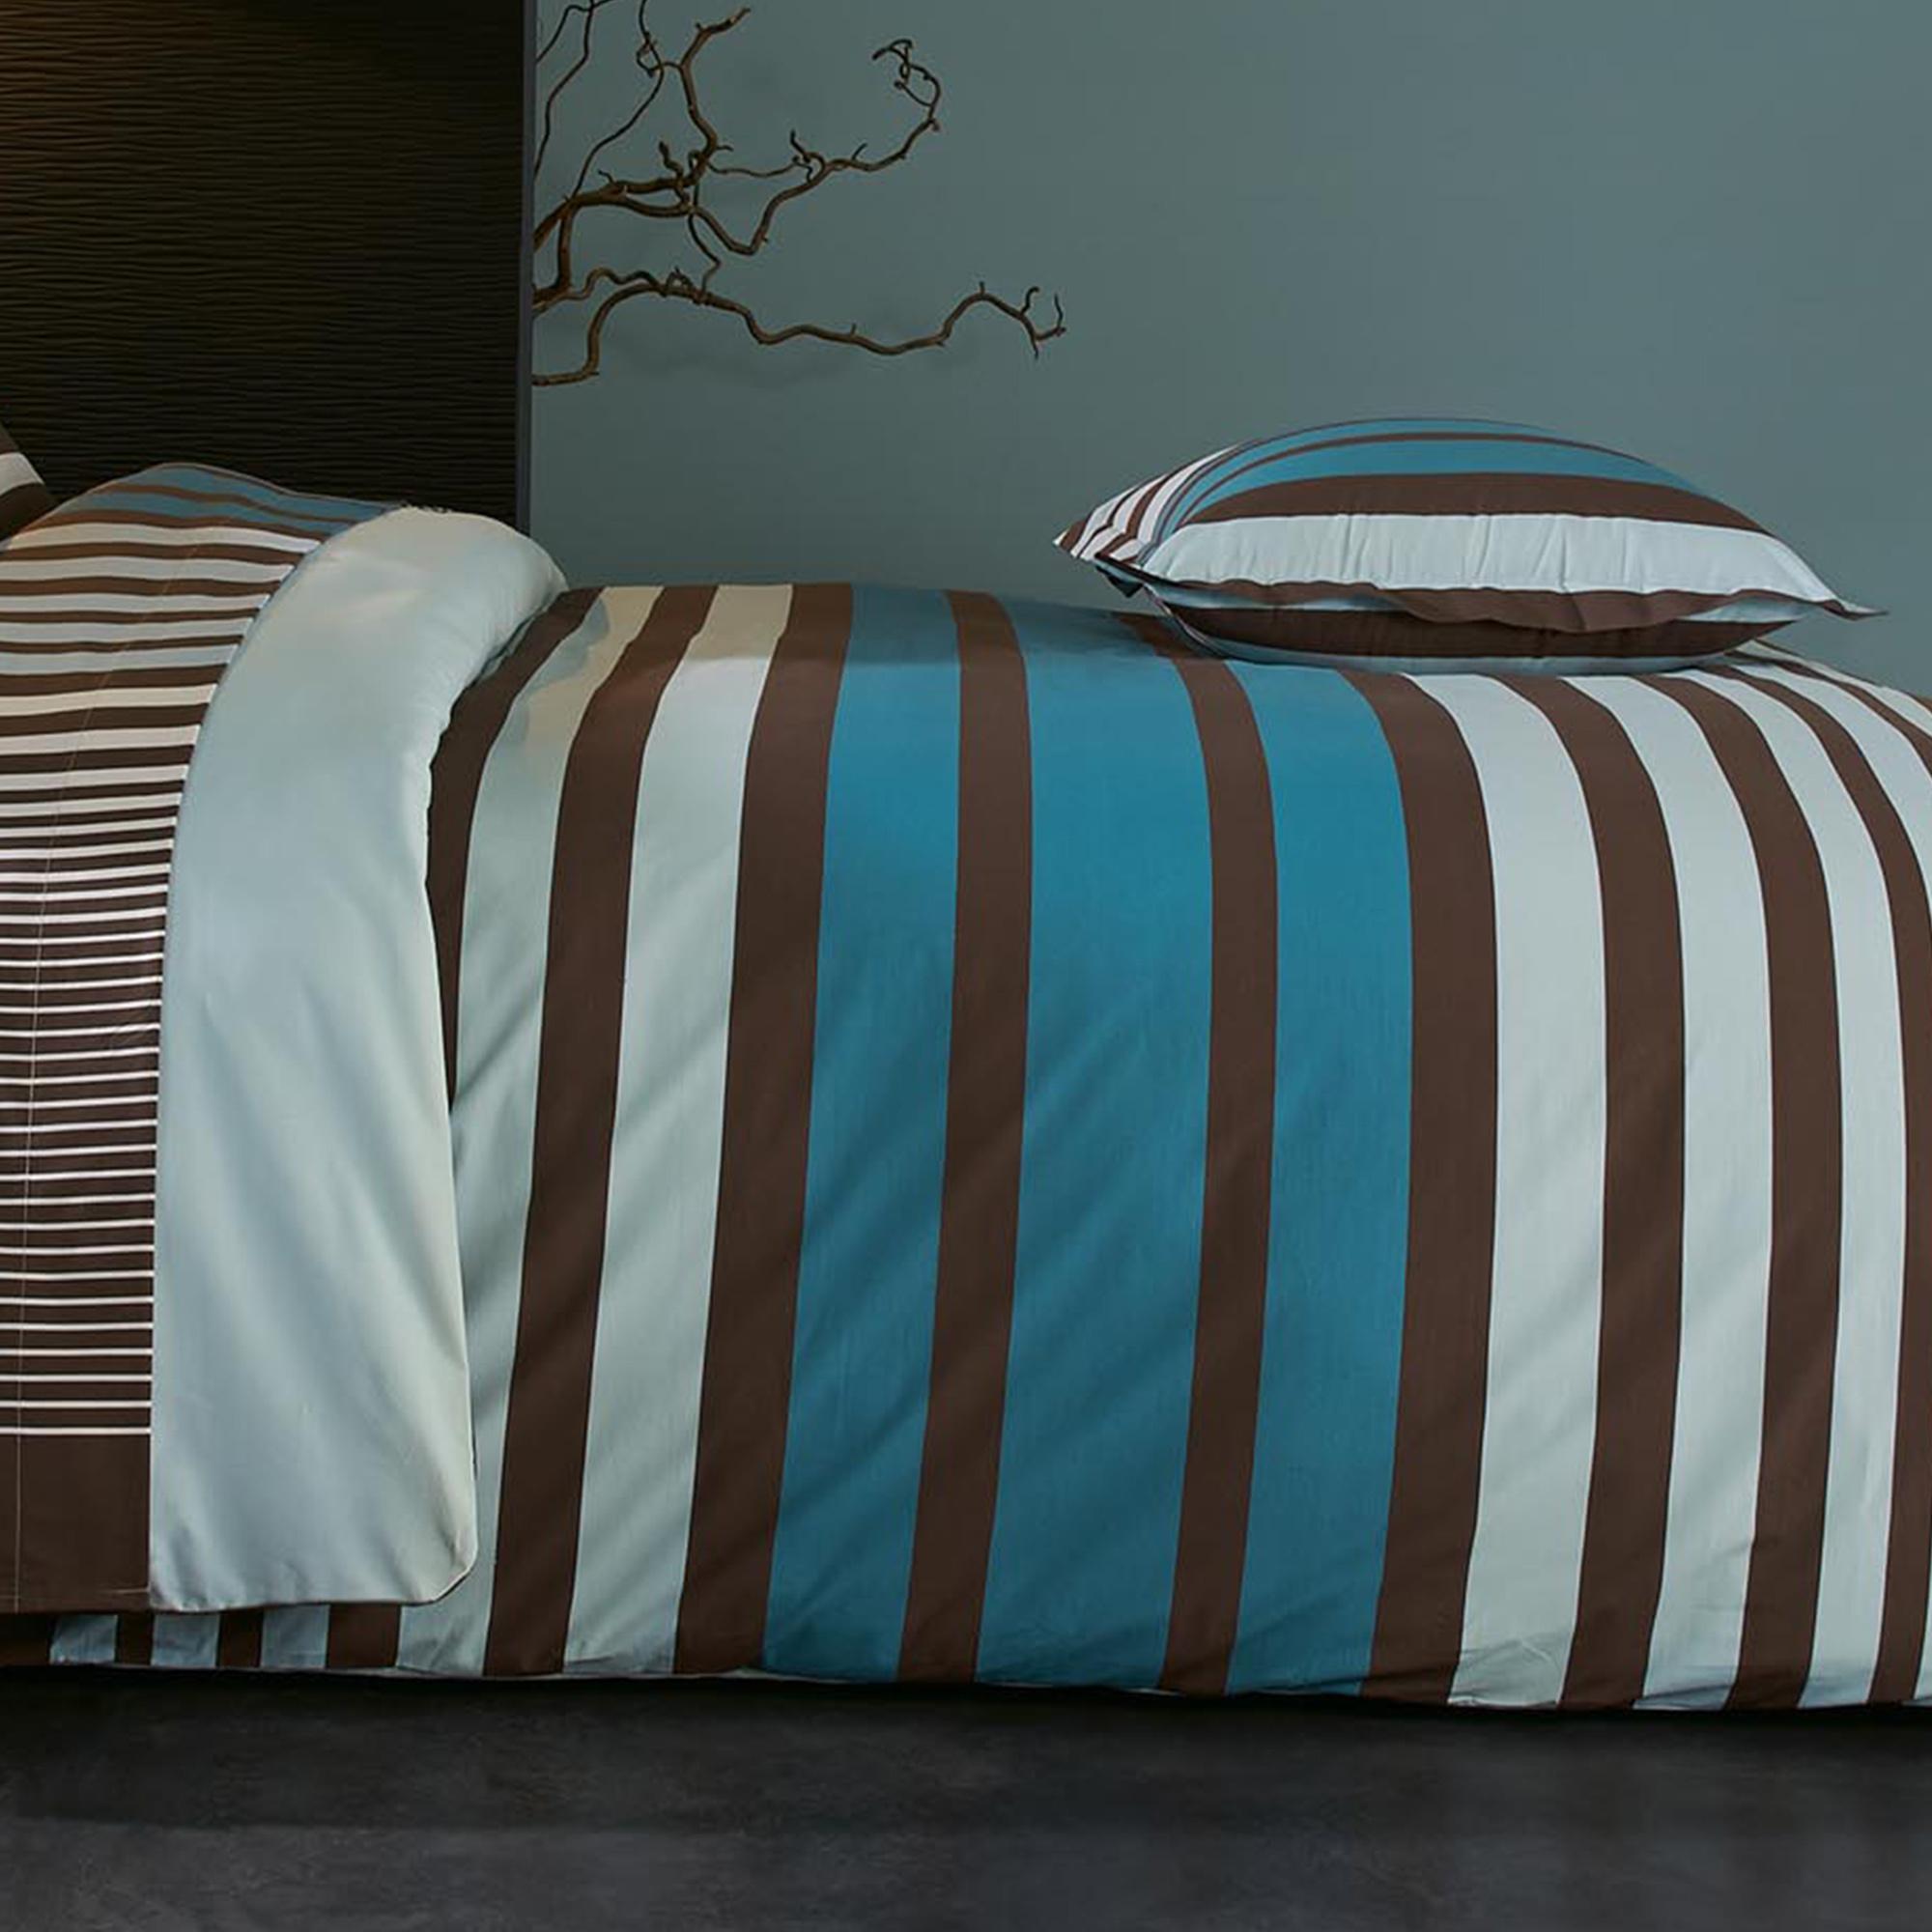 Housse de couette 240x220 percale pur coton stripe bleu ebay Housse de couette percale de coton 220x240